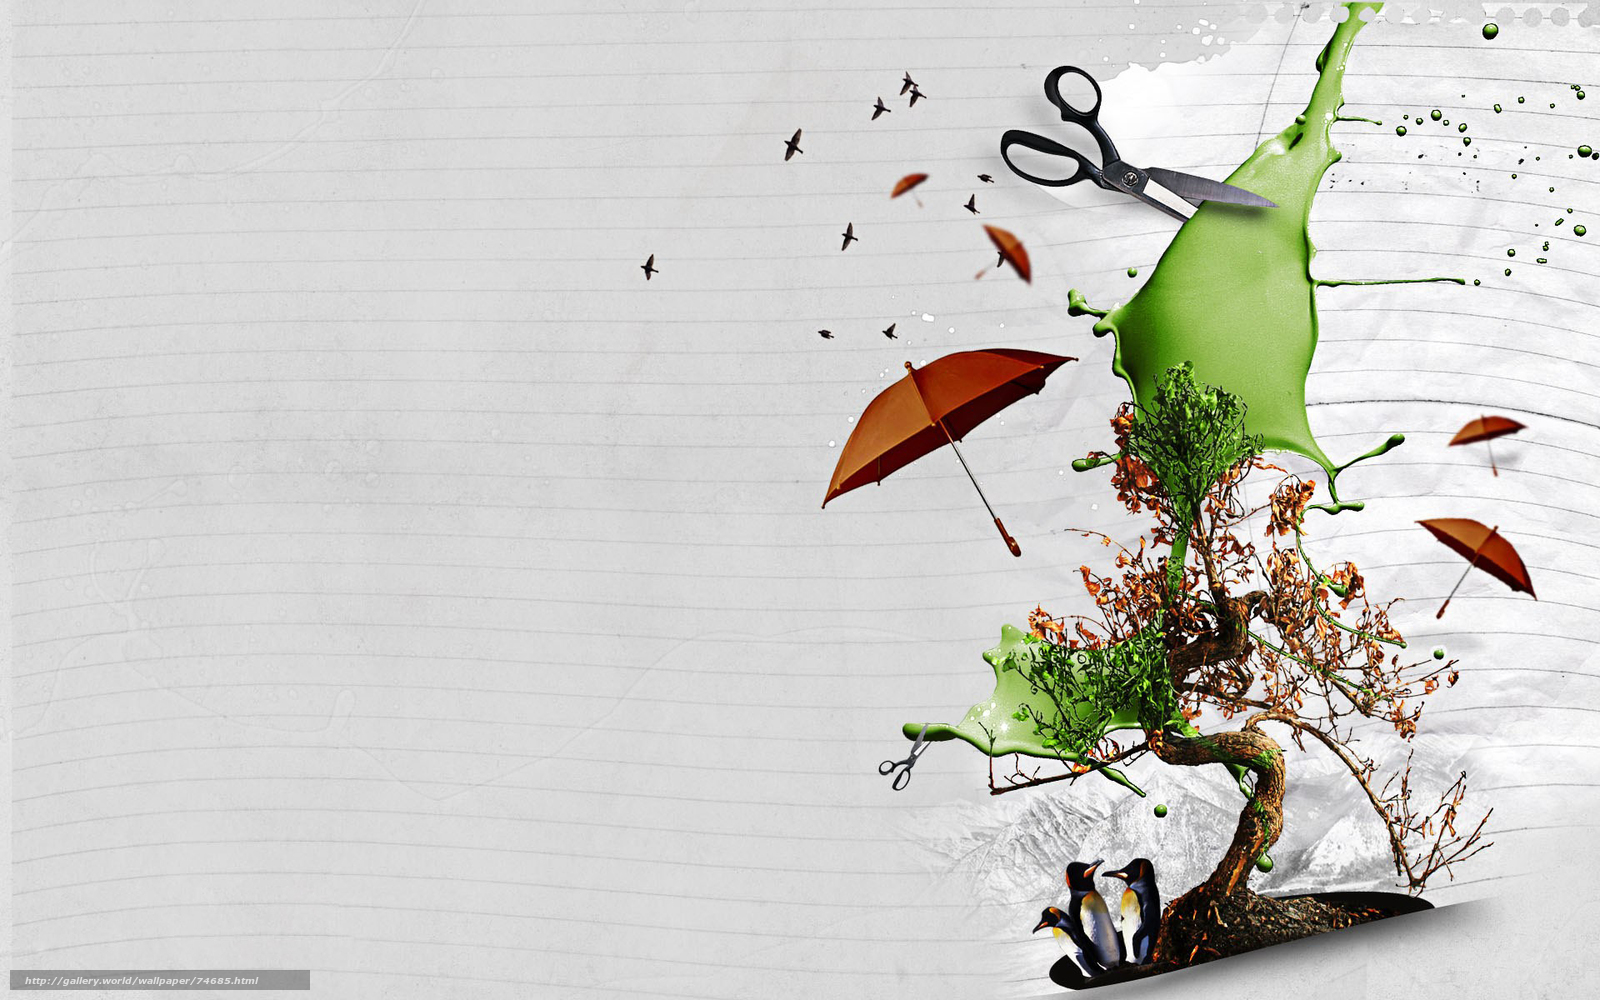 scaricare gli sfondi forbici, collage, Photoshop, ombrello